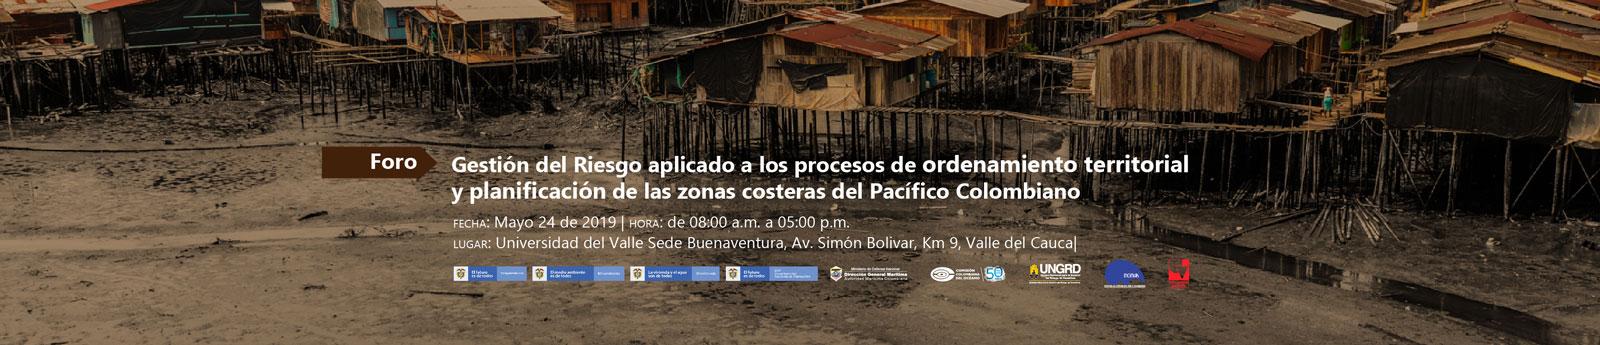 En mayo realizaremos el Foro: Gestión del riesgo aplicado a procesos de ordenamiento territorial